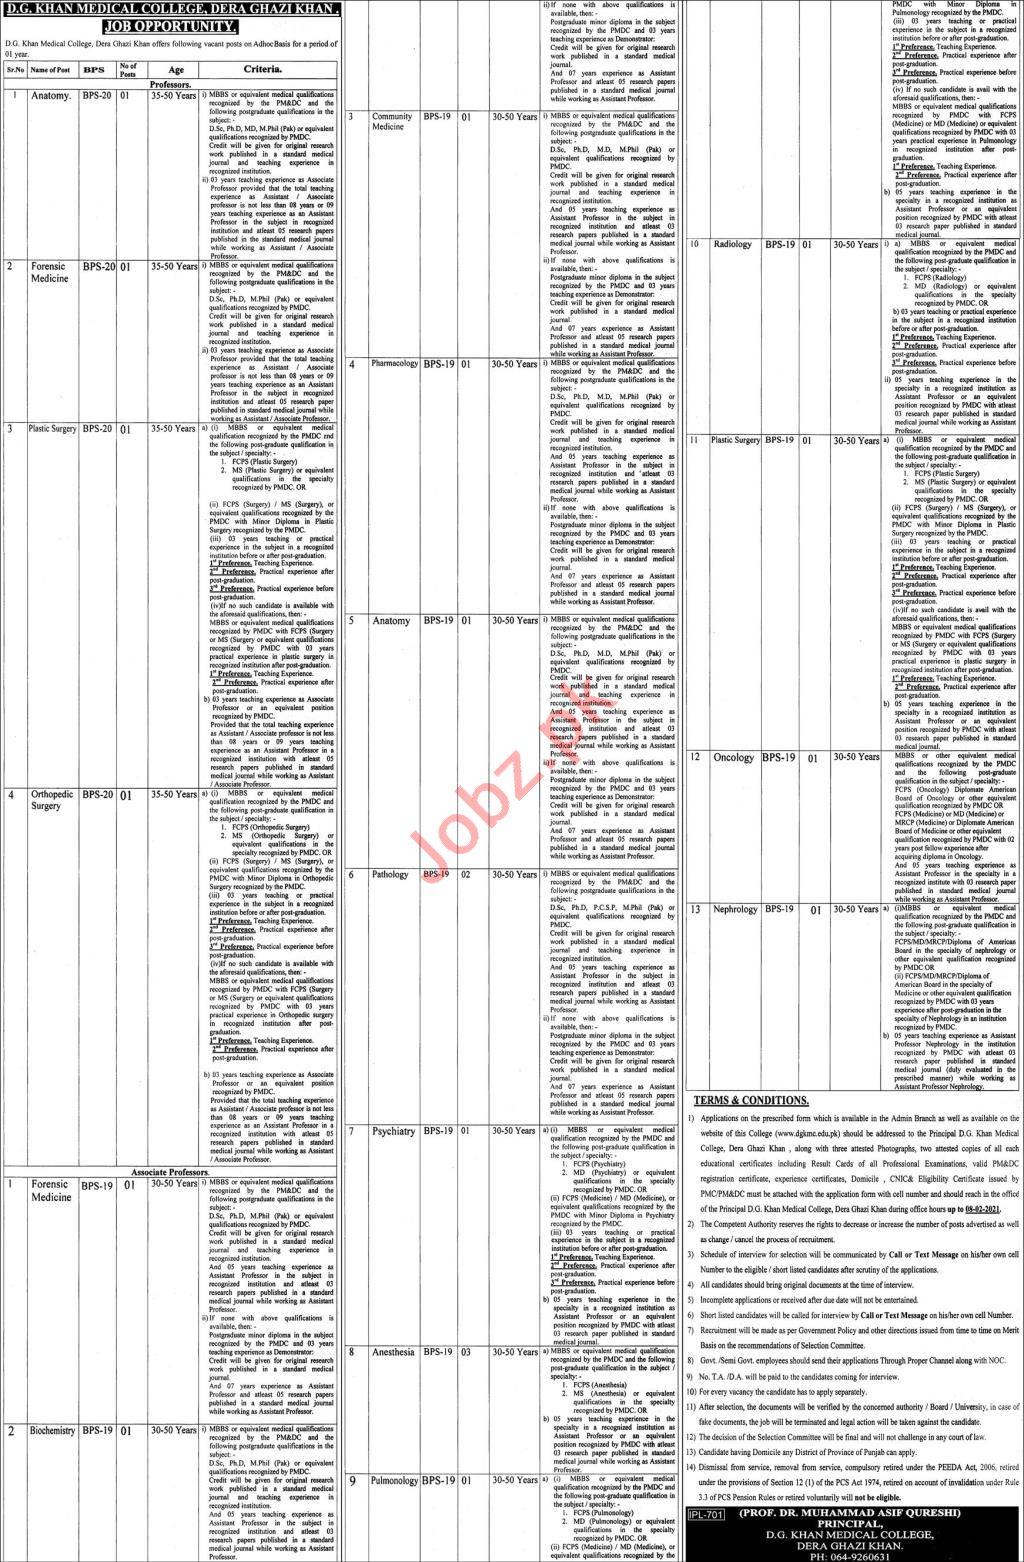 DG Khan Medical College Dera Ghazi Khan Jobs for Professors